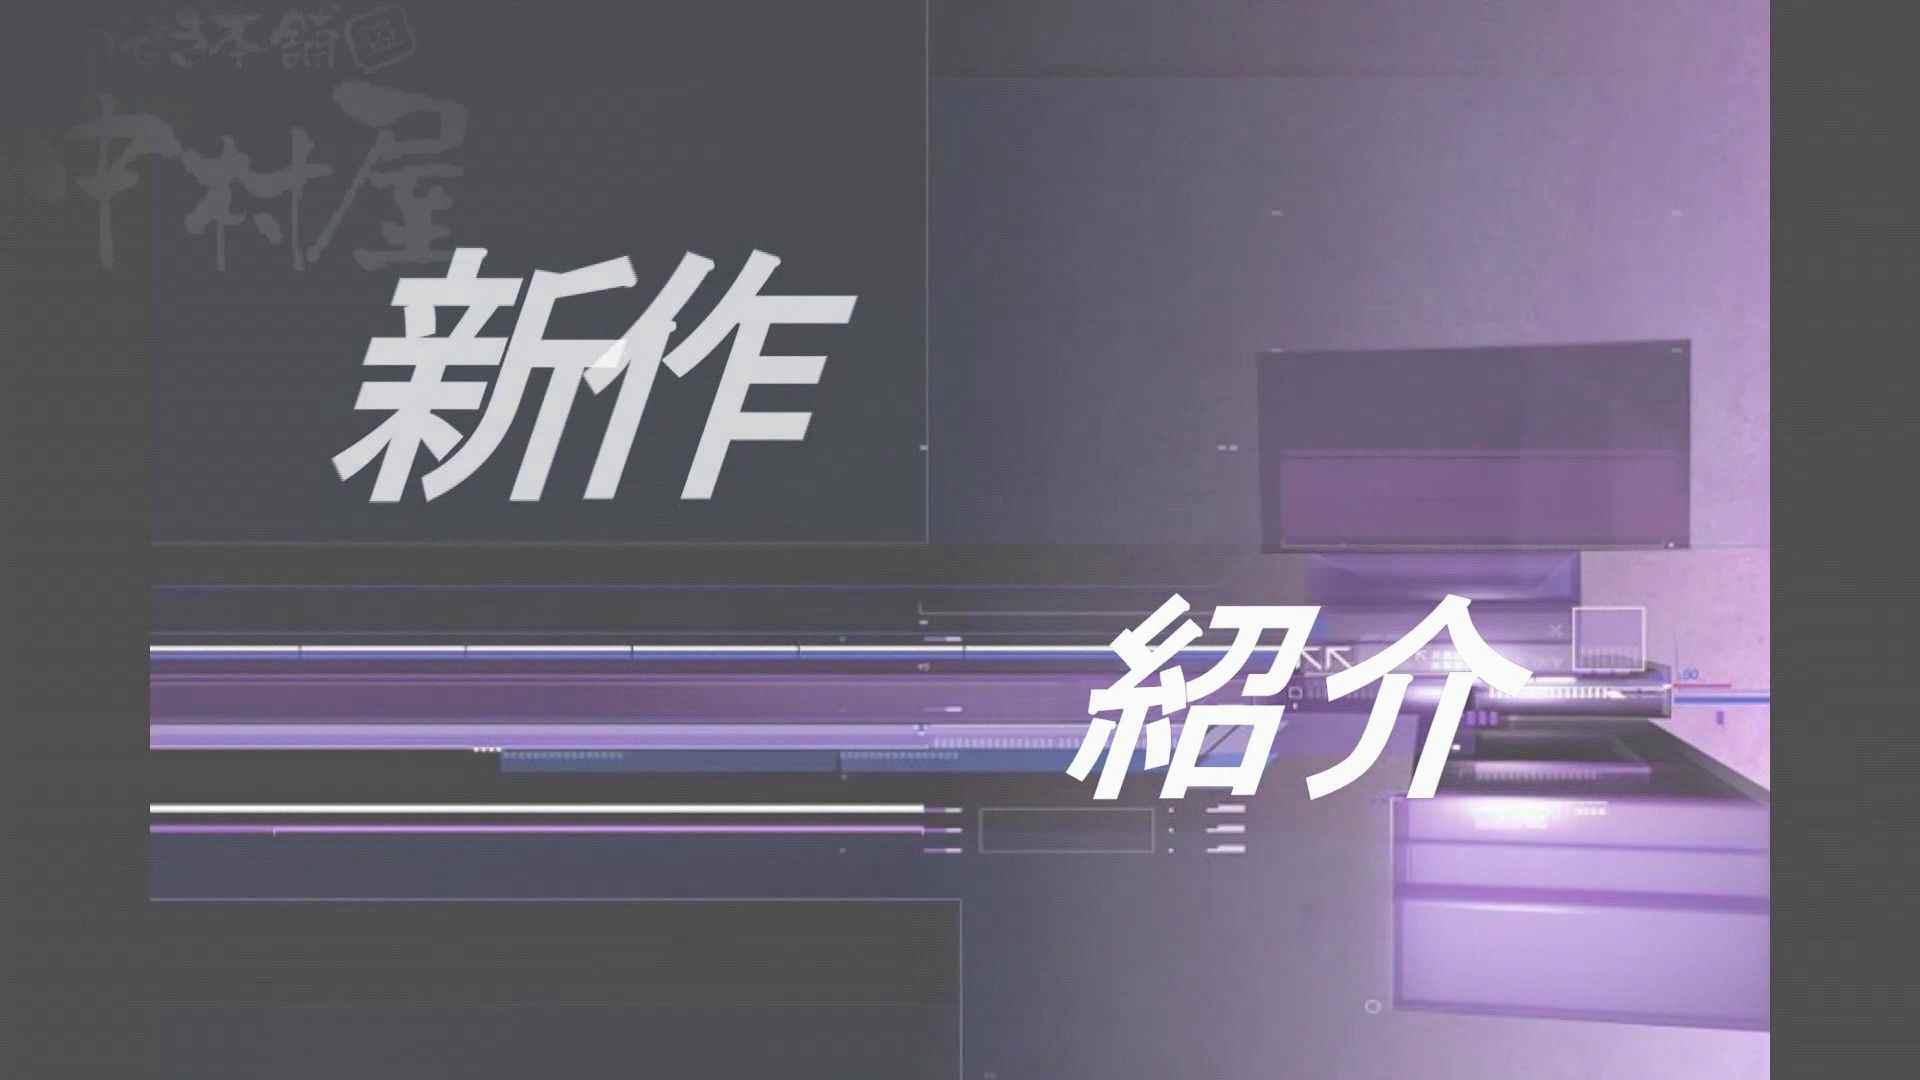 第三体育館潜入撮File024 最後の子公開残りは、SEIJUKU!! 排泄 ワレメ動画紹介 29連発 8